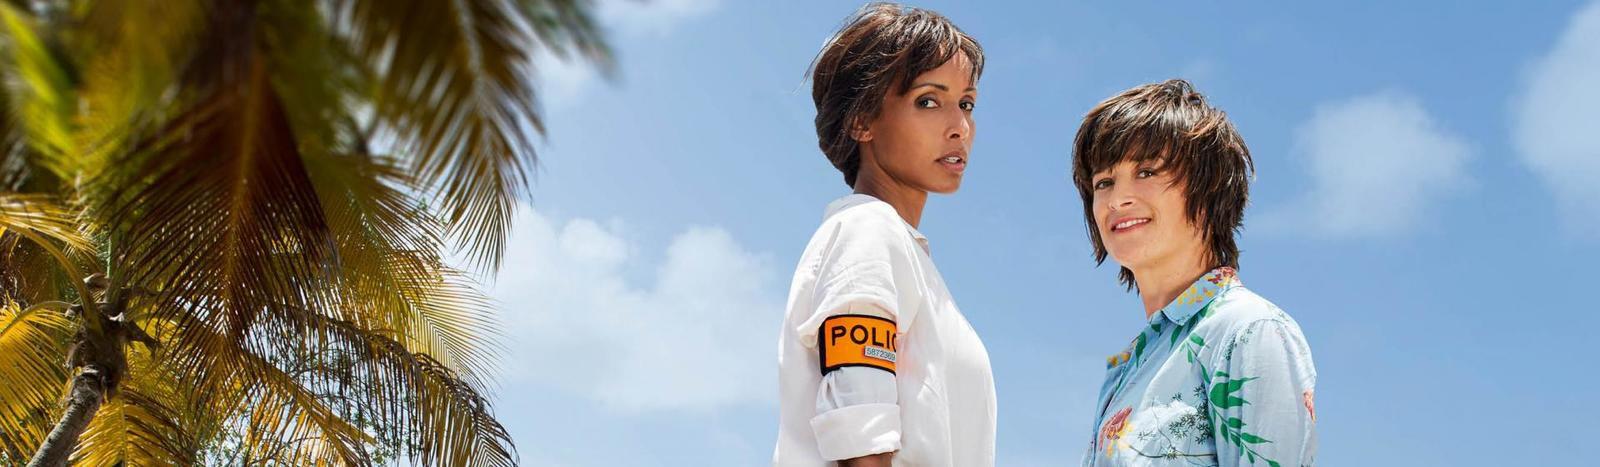 La 2nde saison de « Tropiques Criminels » débarque sur les chaînes La 1ère !